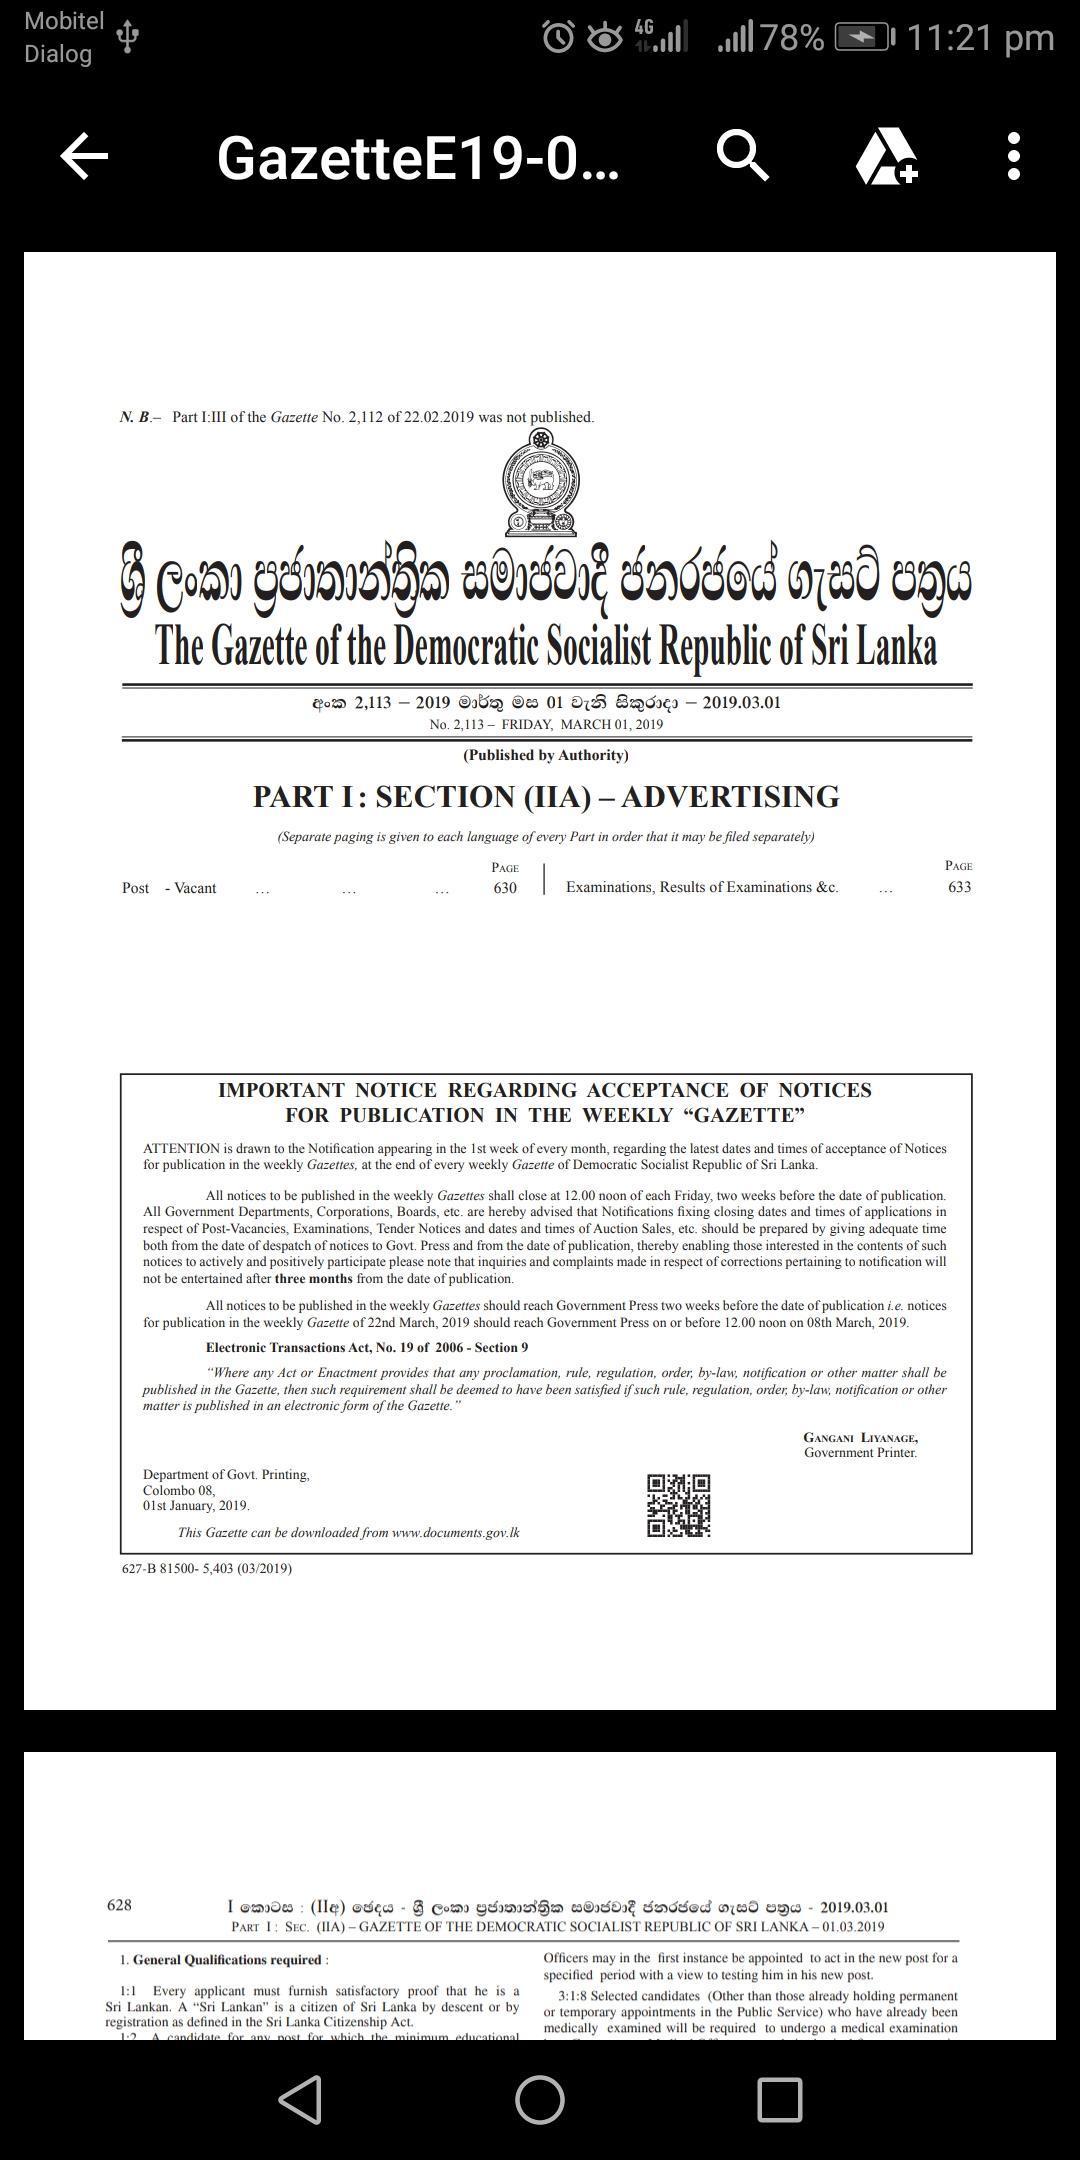 රජයේ ගැසට් පත්ර / Gazette - Sri Lanka for Android